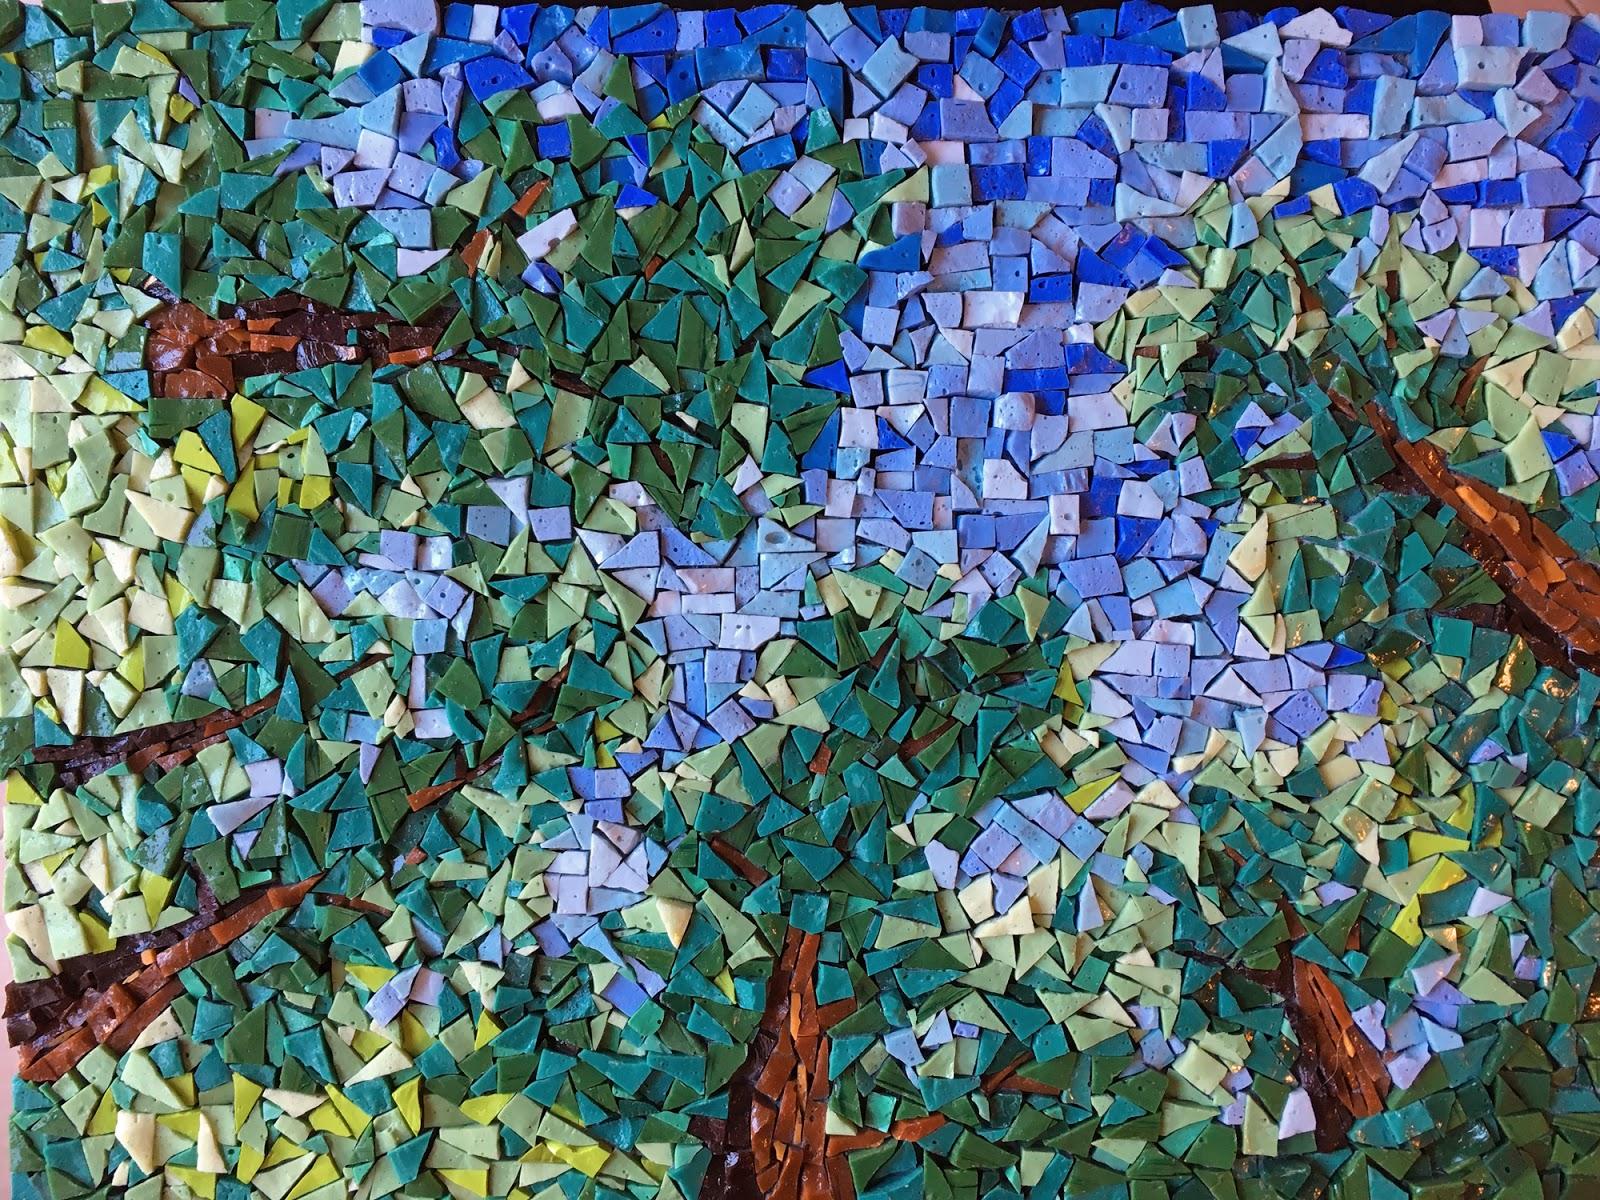 flutterbybutterfly on www.flutterbyfoto: trees in glass tile